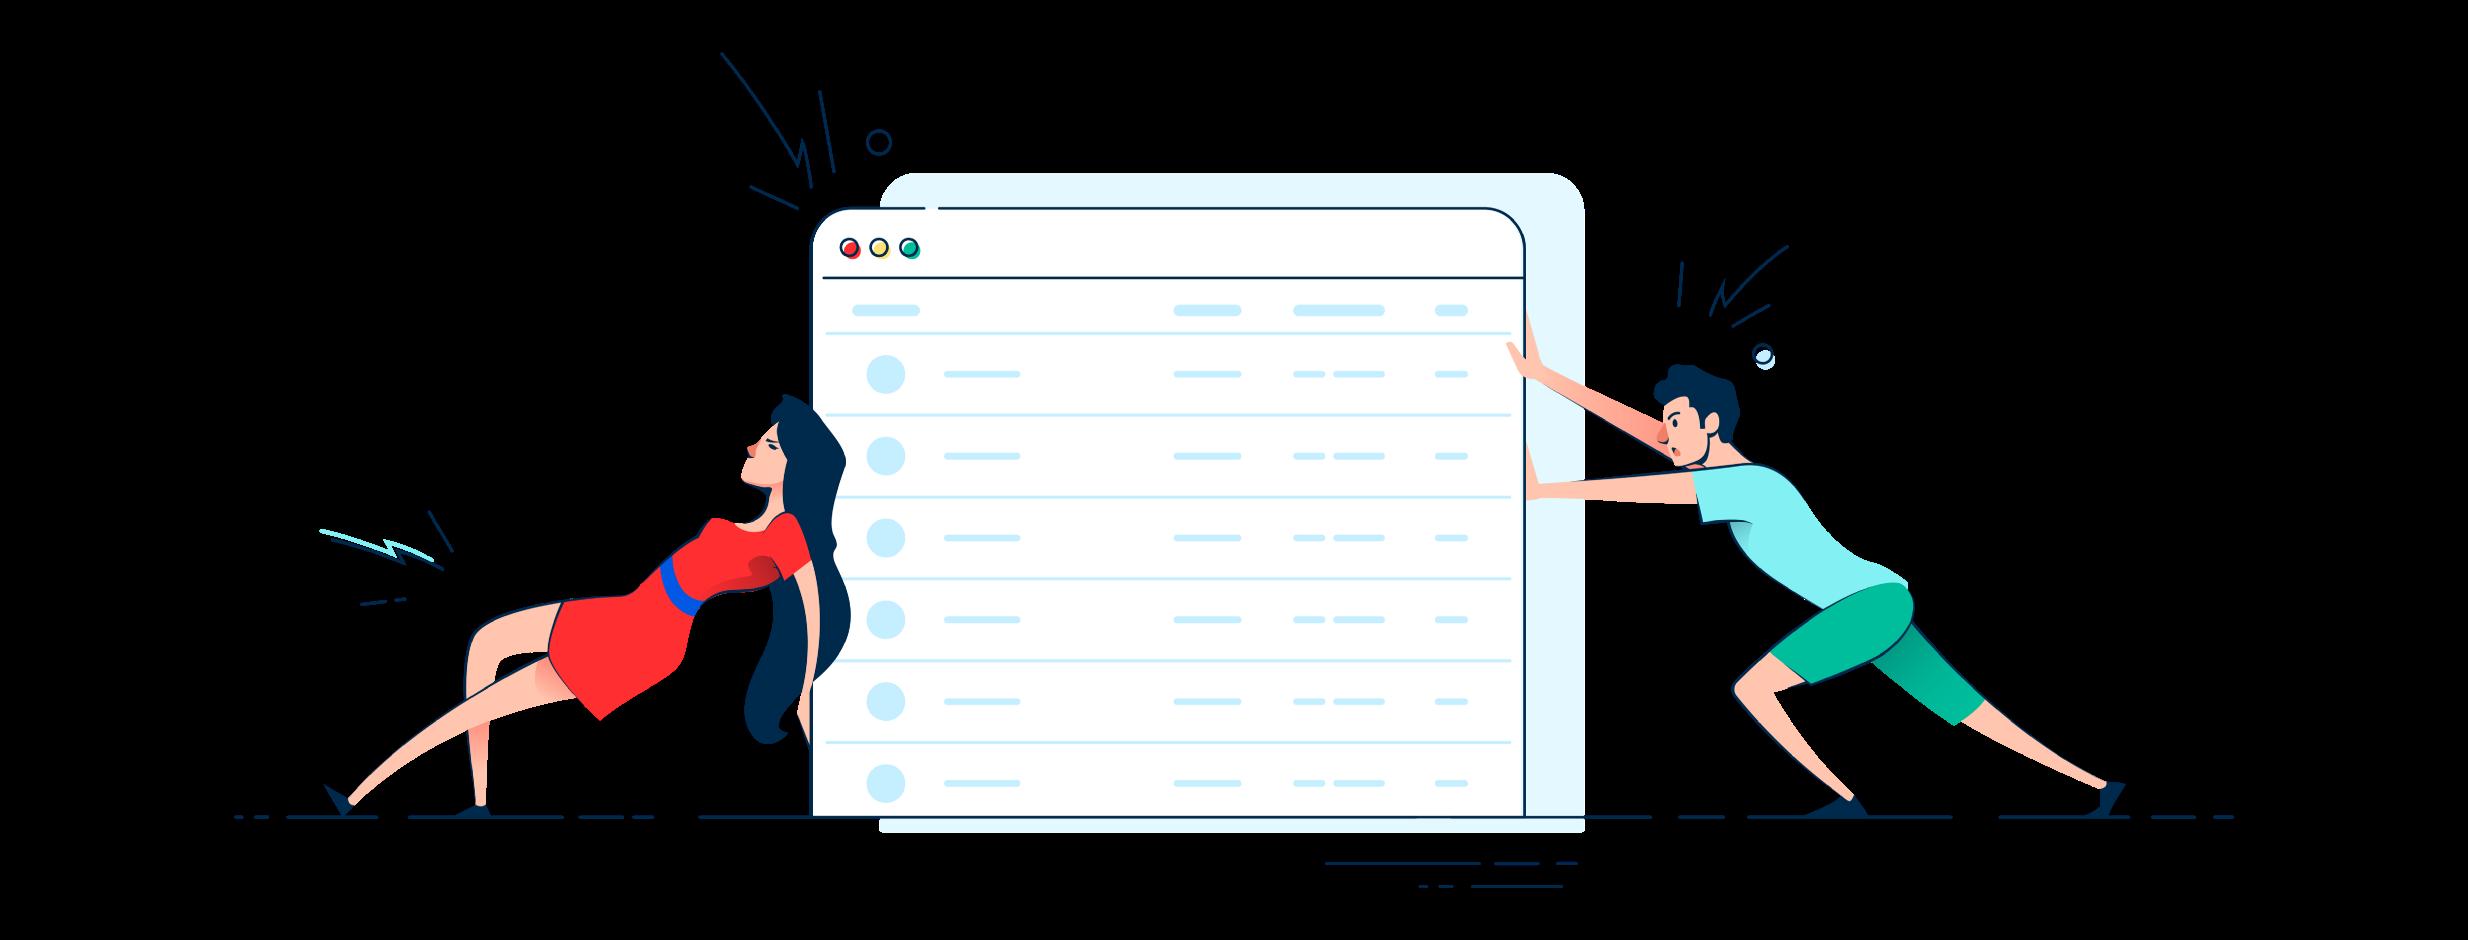 راهنمایی برای ایجاد یک تجربه کابری بهتر از جدول داده ها در موبایل